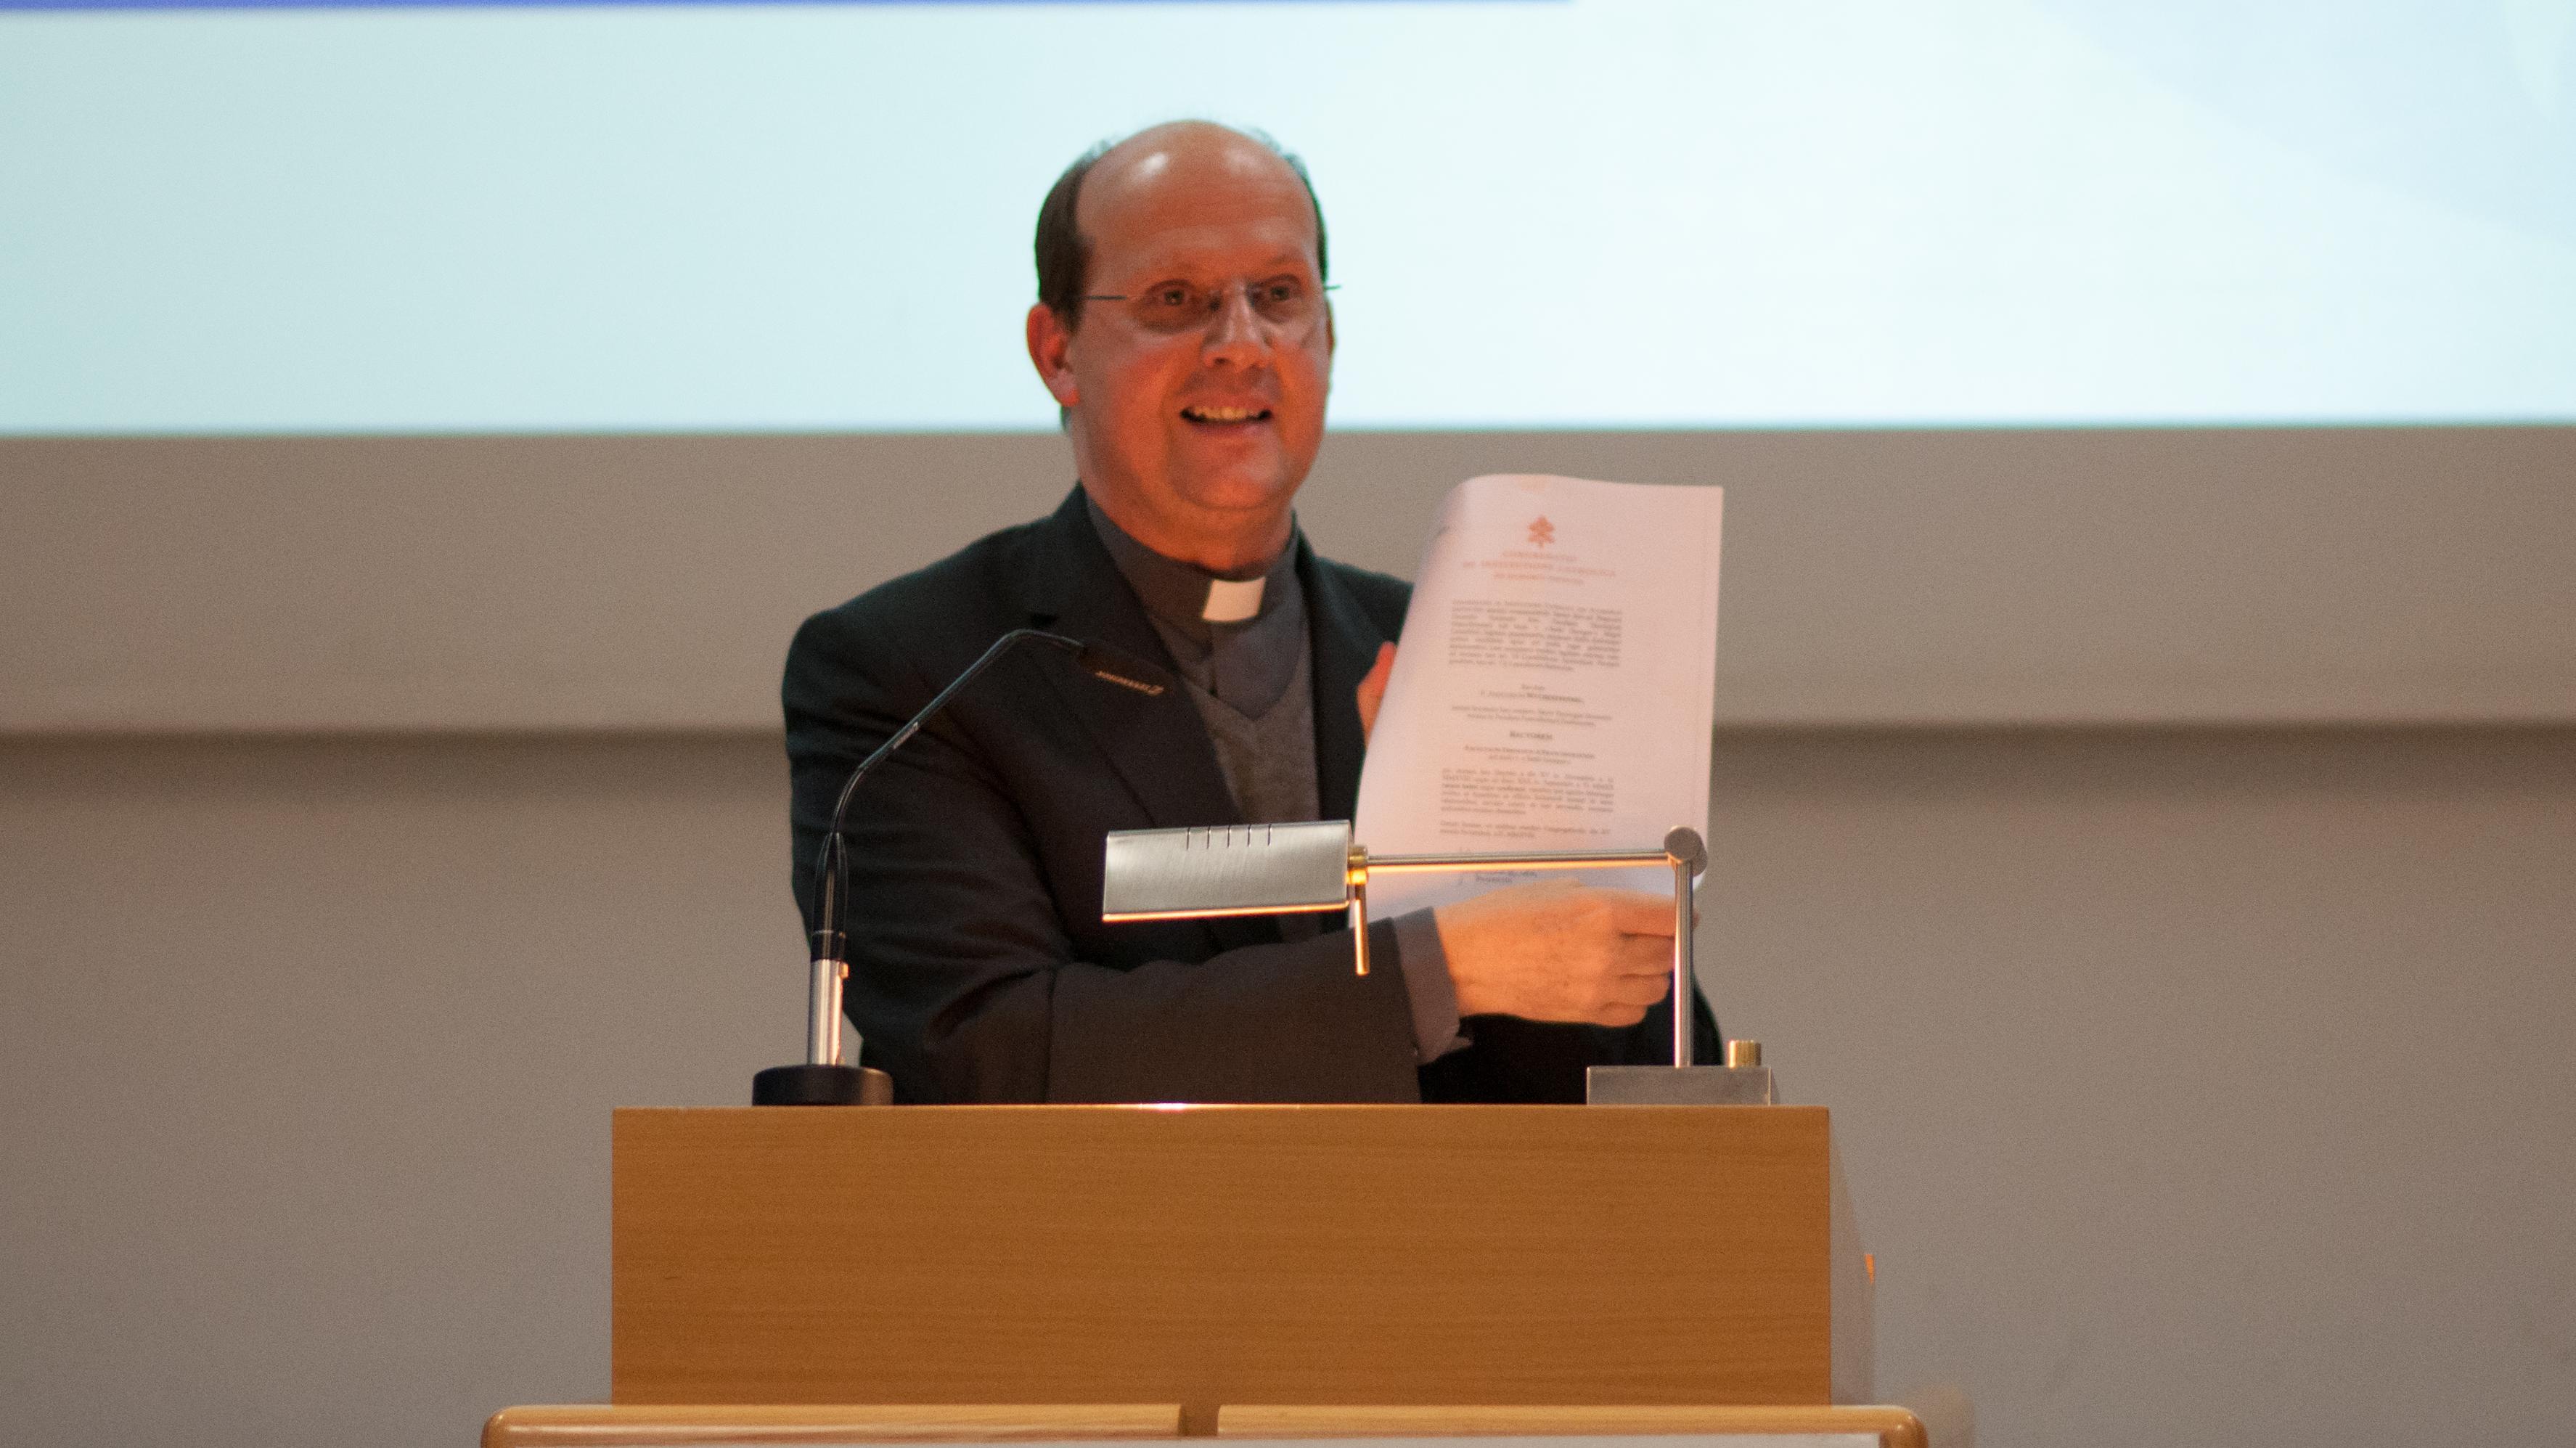 Johannes Siebner, der das Schriftstück, durch das das Nihil obstat erteilt wird, hochhält.